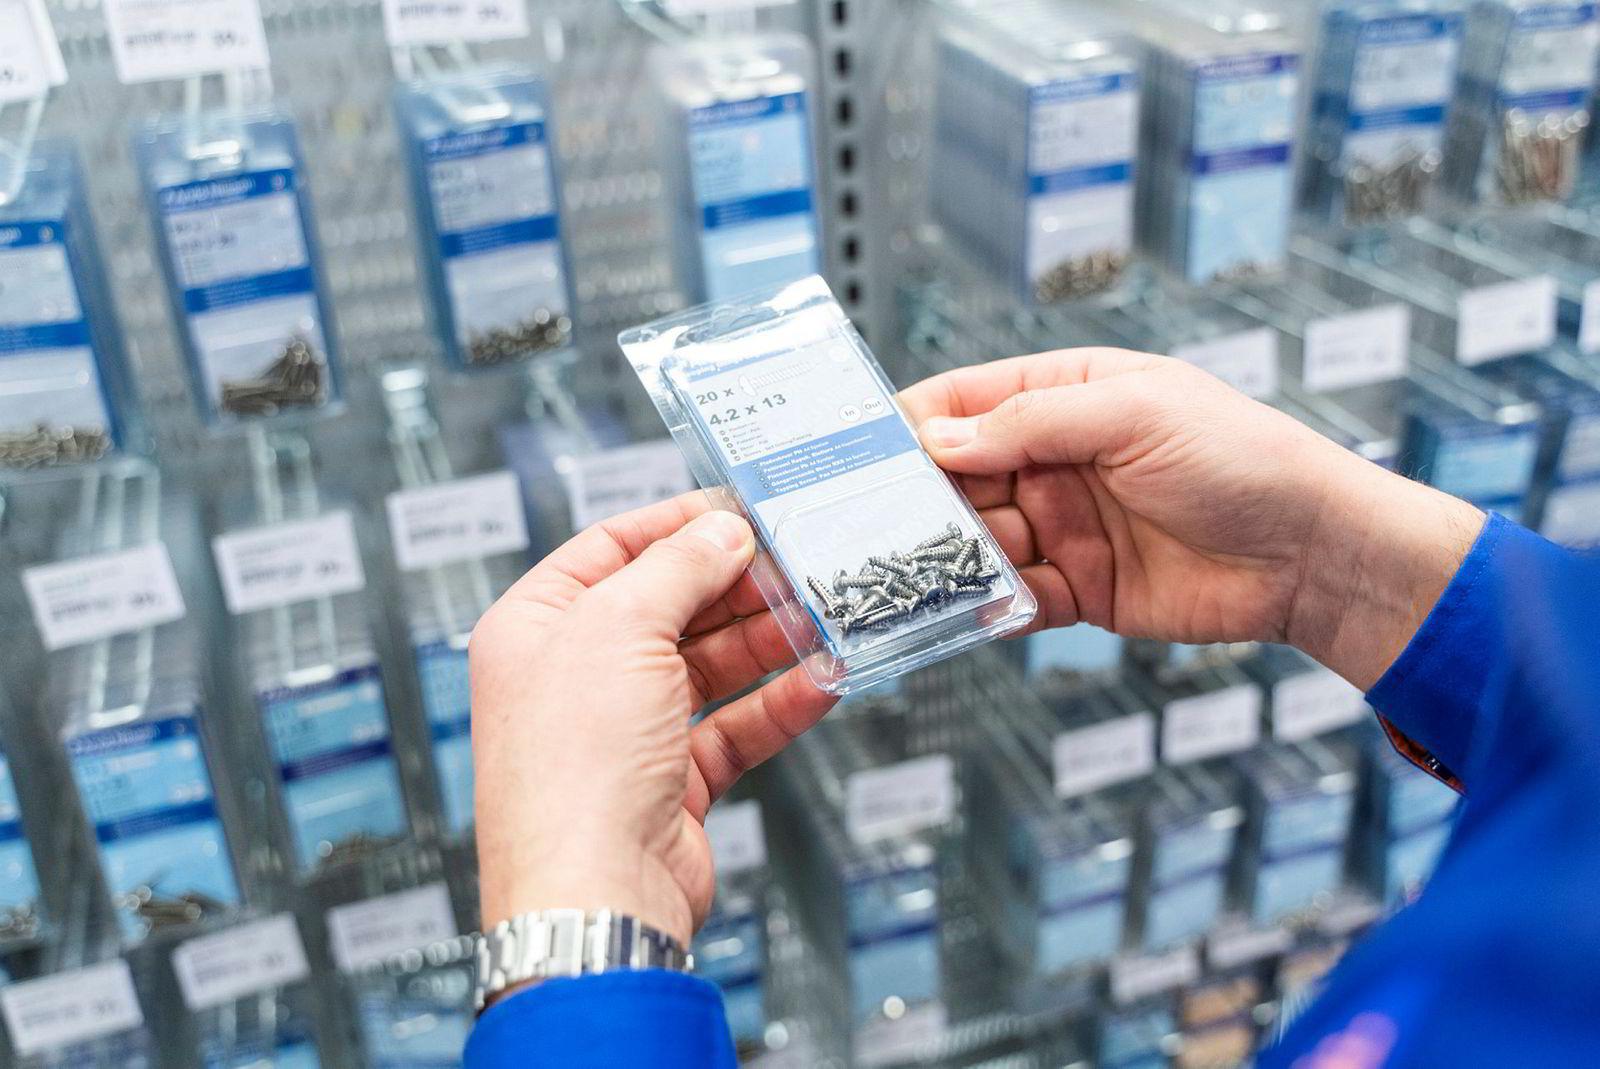 Jernia-sjef Espen Karlsen lover at de små plastpakkene med spiker og skruer skal bort og erstattes med salg i løsvekt innen utgangen av neste år.